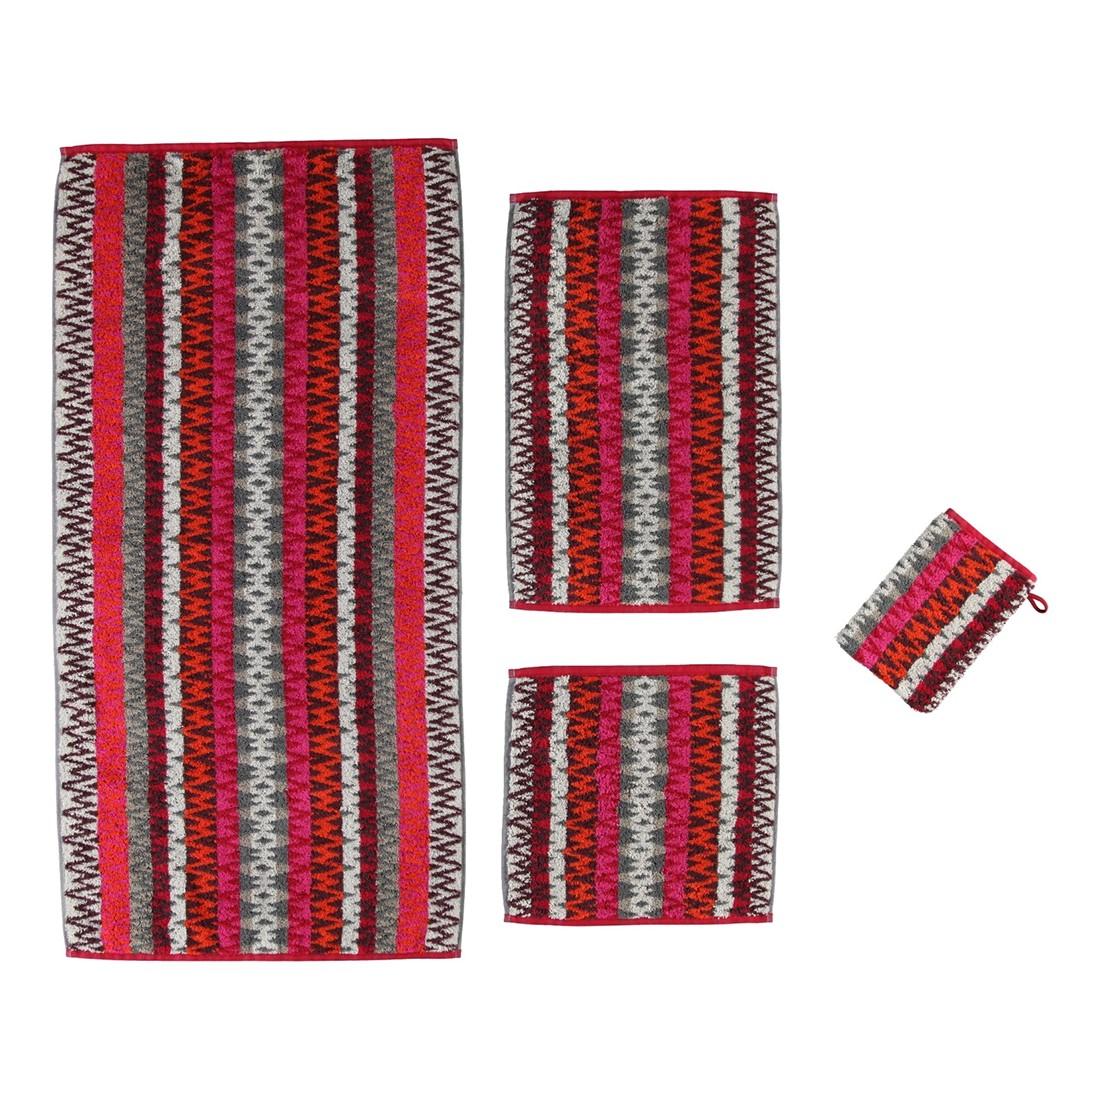 Handtuch Modena Allover – 100% Baumwolle granat – 22 – Duschtuch: 80 x 150 cm, Cawö günstig bestellen